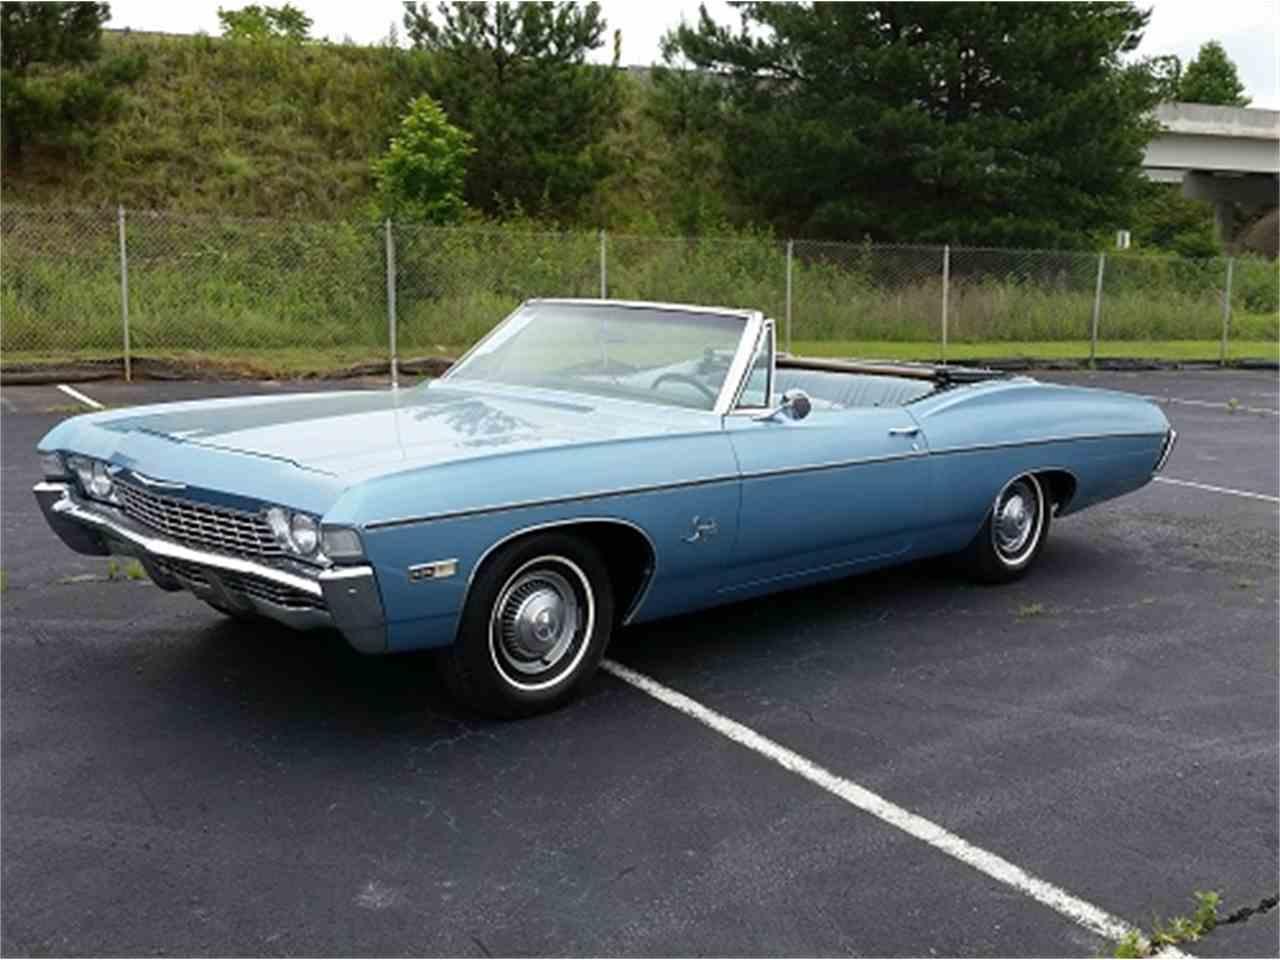 Impala 97 chevy impala : 1968 Chevrolet Impala for Sale | ClassicCars.com | CC-972462